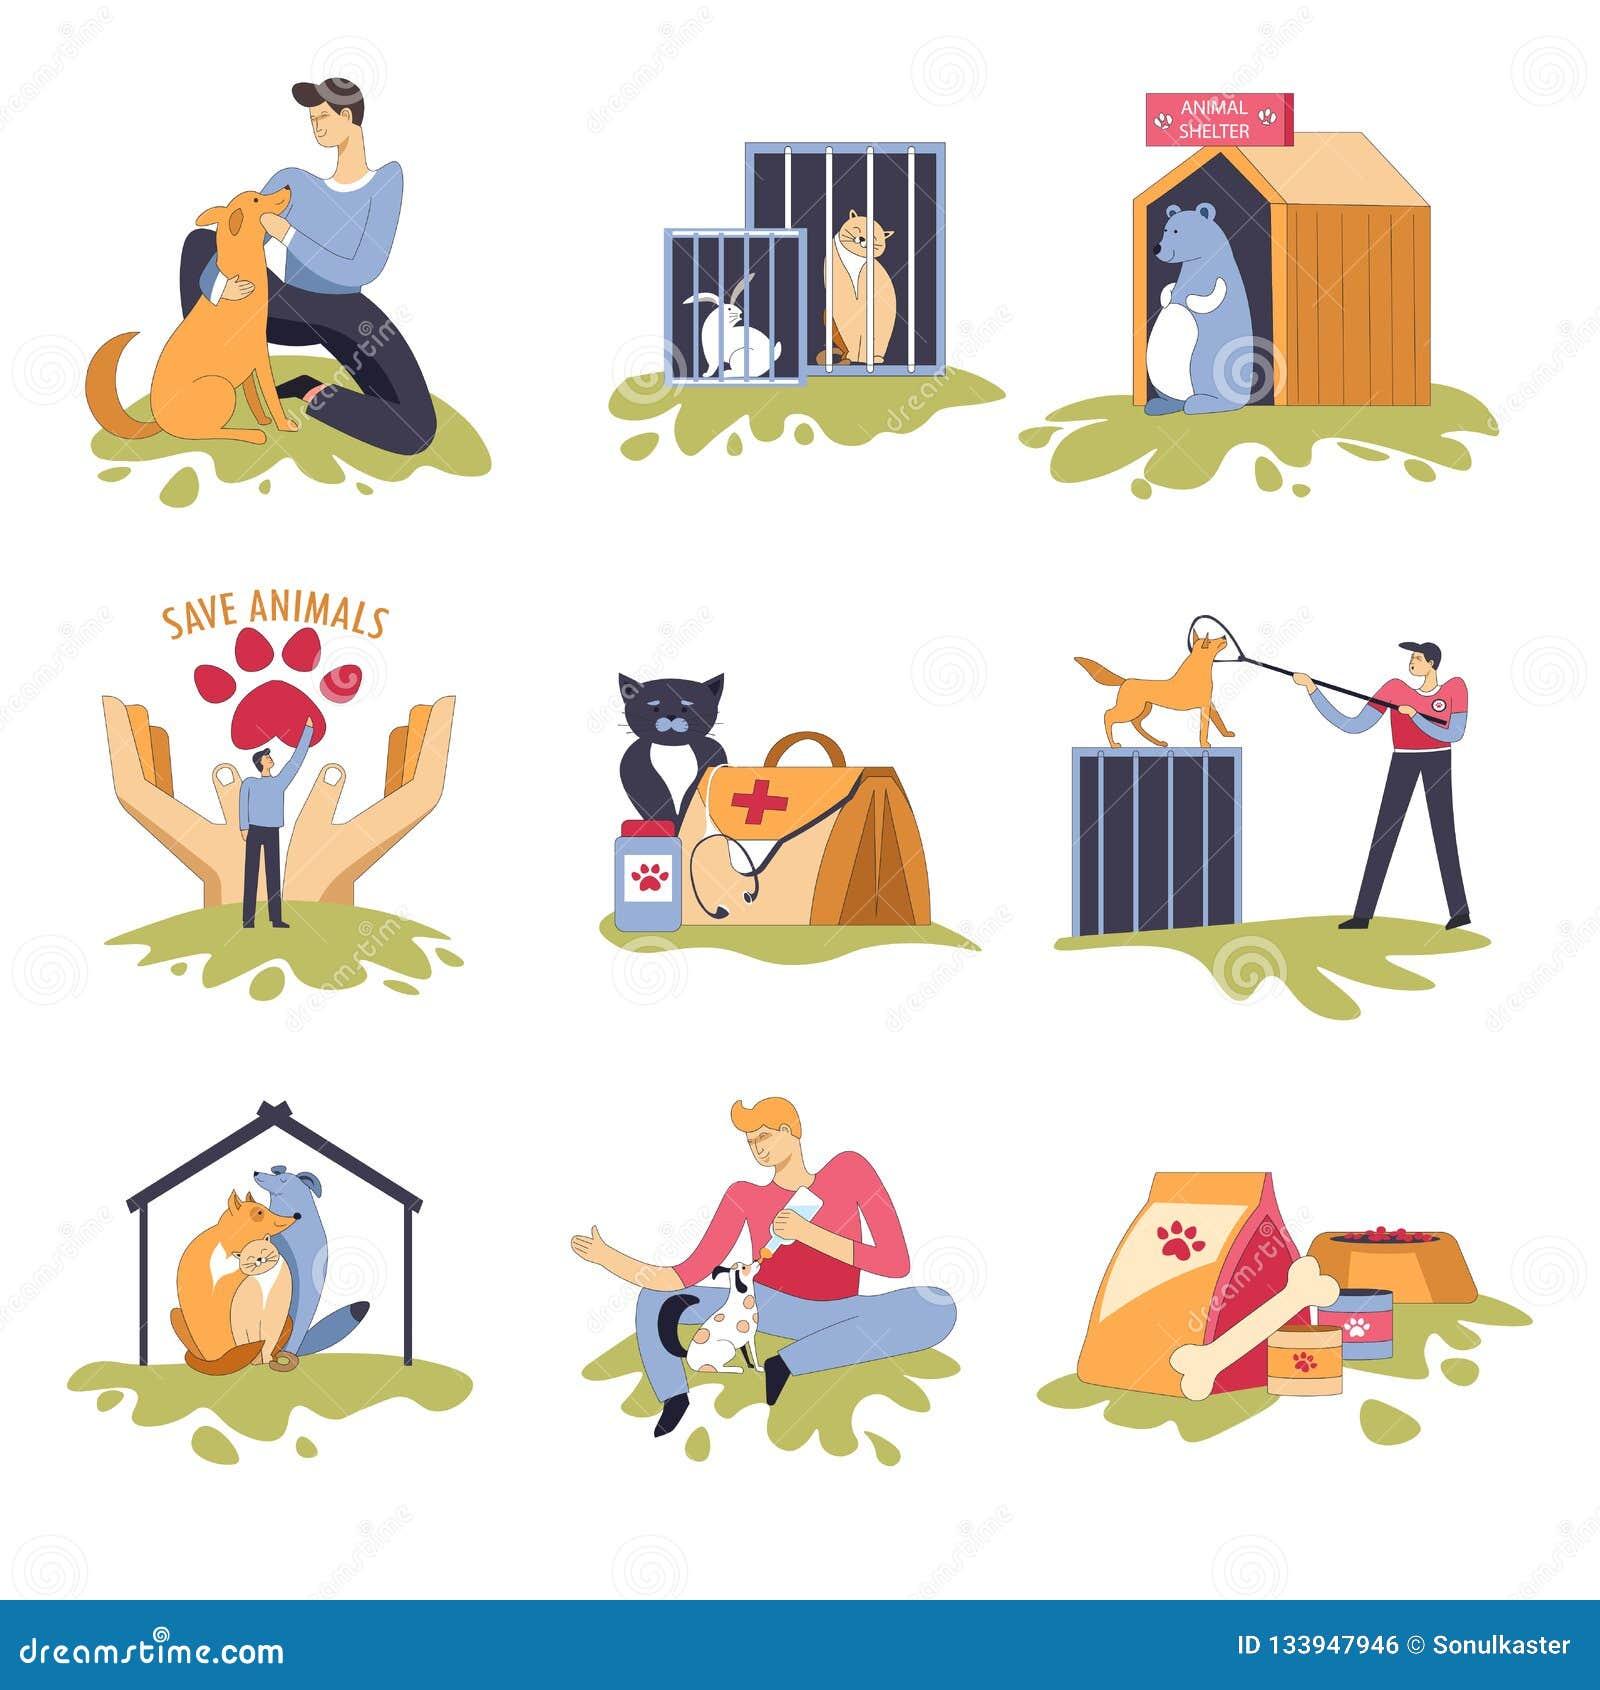 似犬和似猫的避难所狗和猫房子